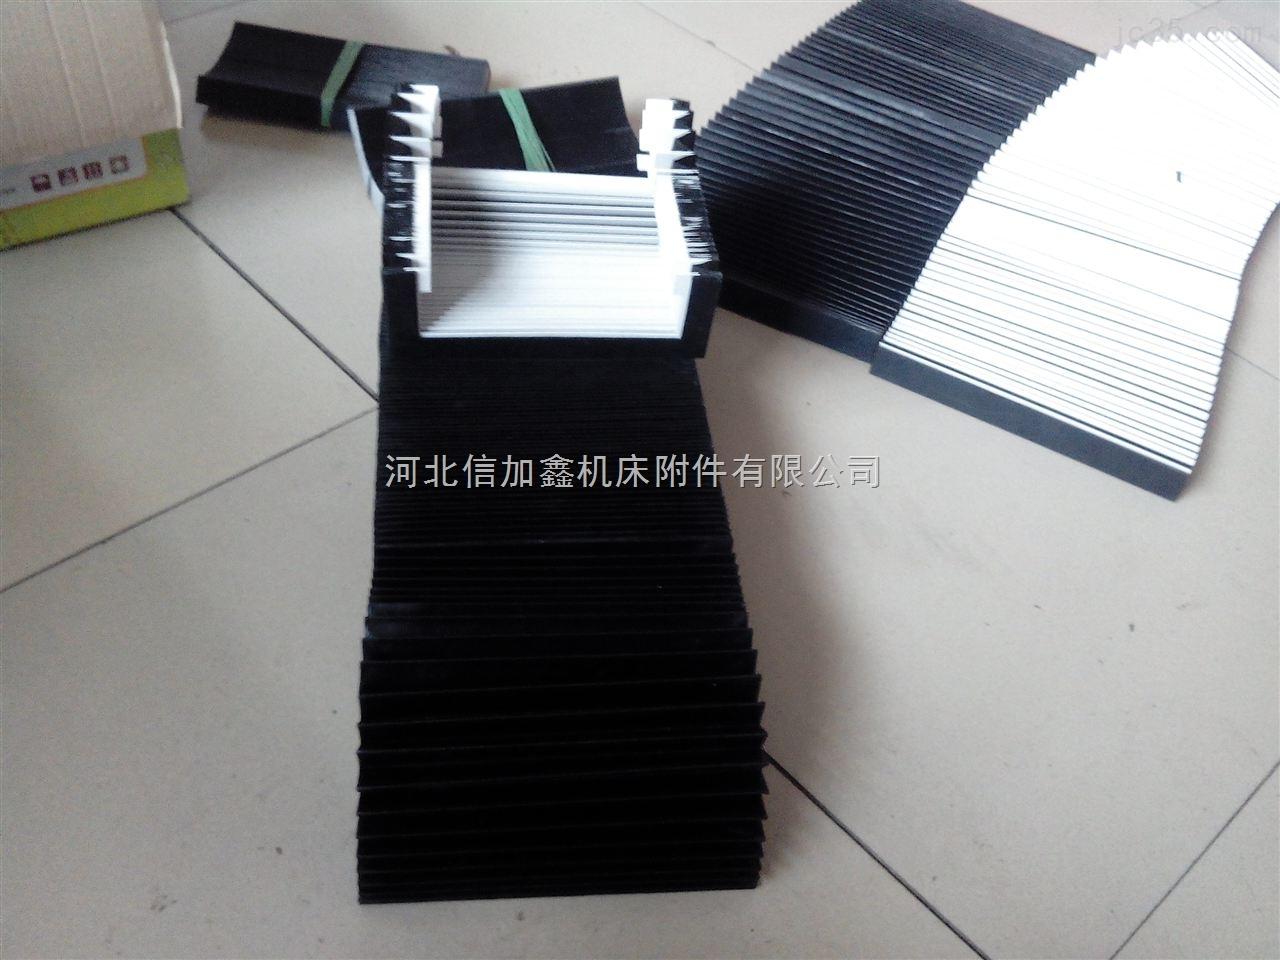 风琴式防尘折布价格,风琴式防尘折布厂